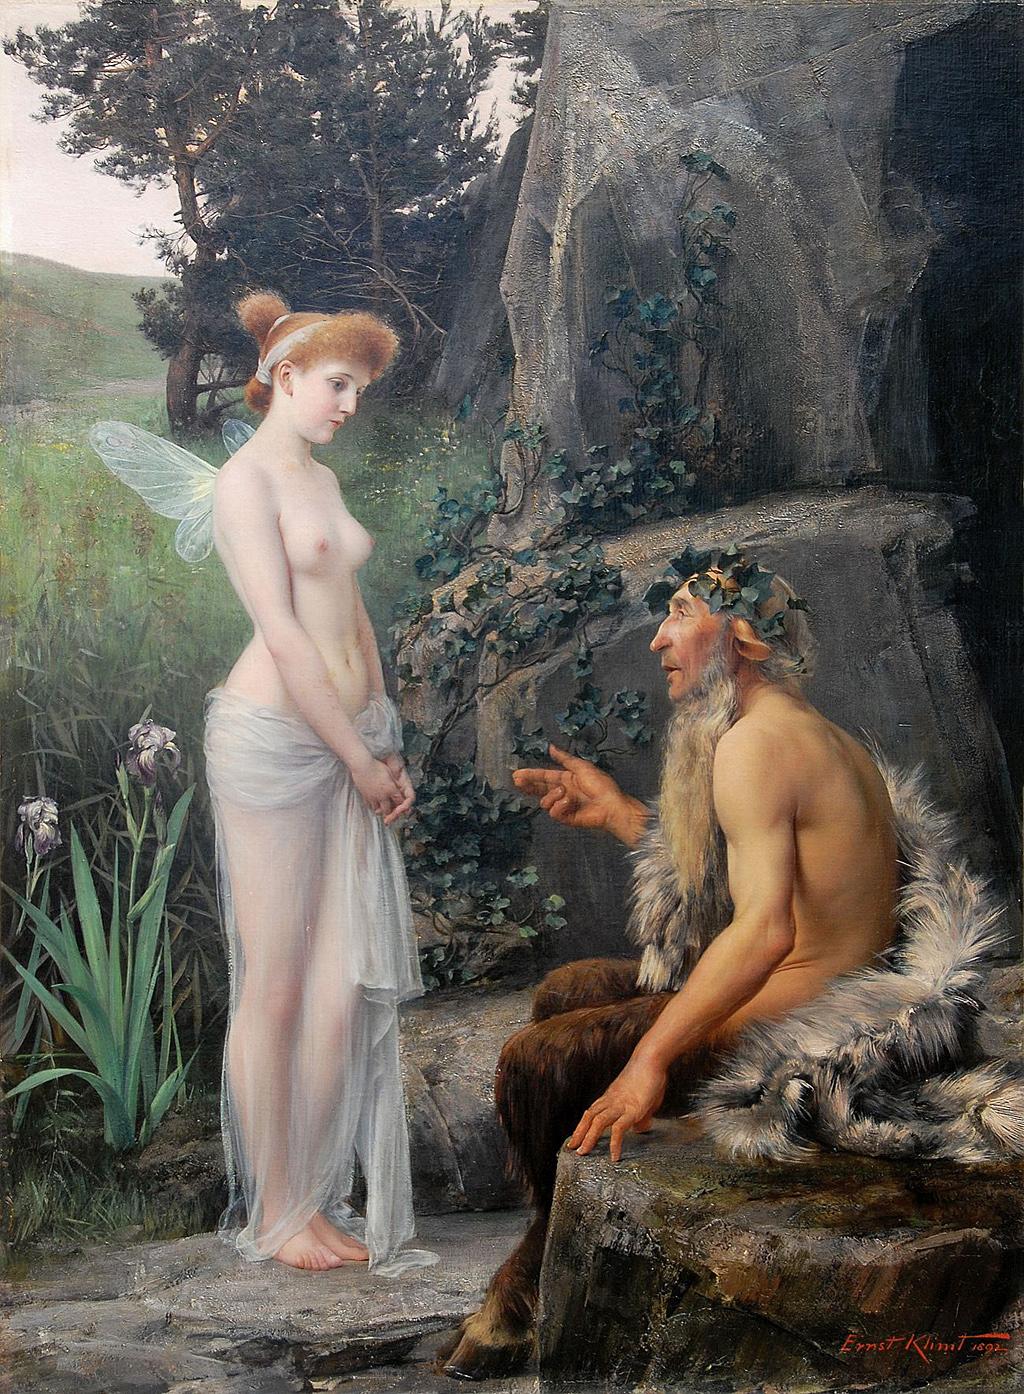 Ernst_Klimt_-_Pan_tröstet_Psyche,_1892